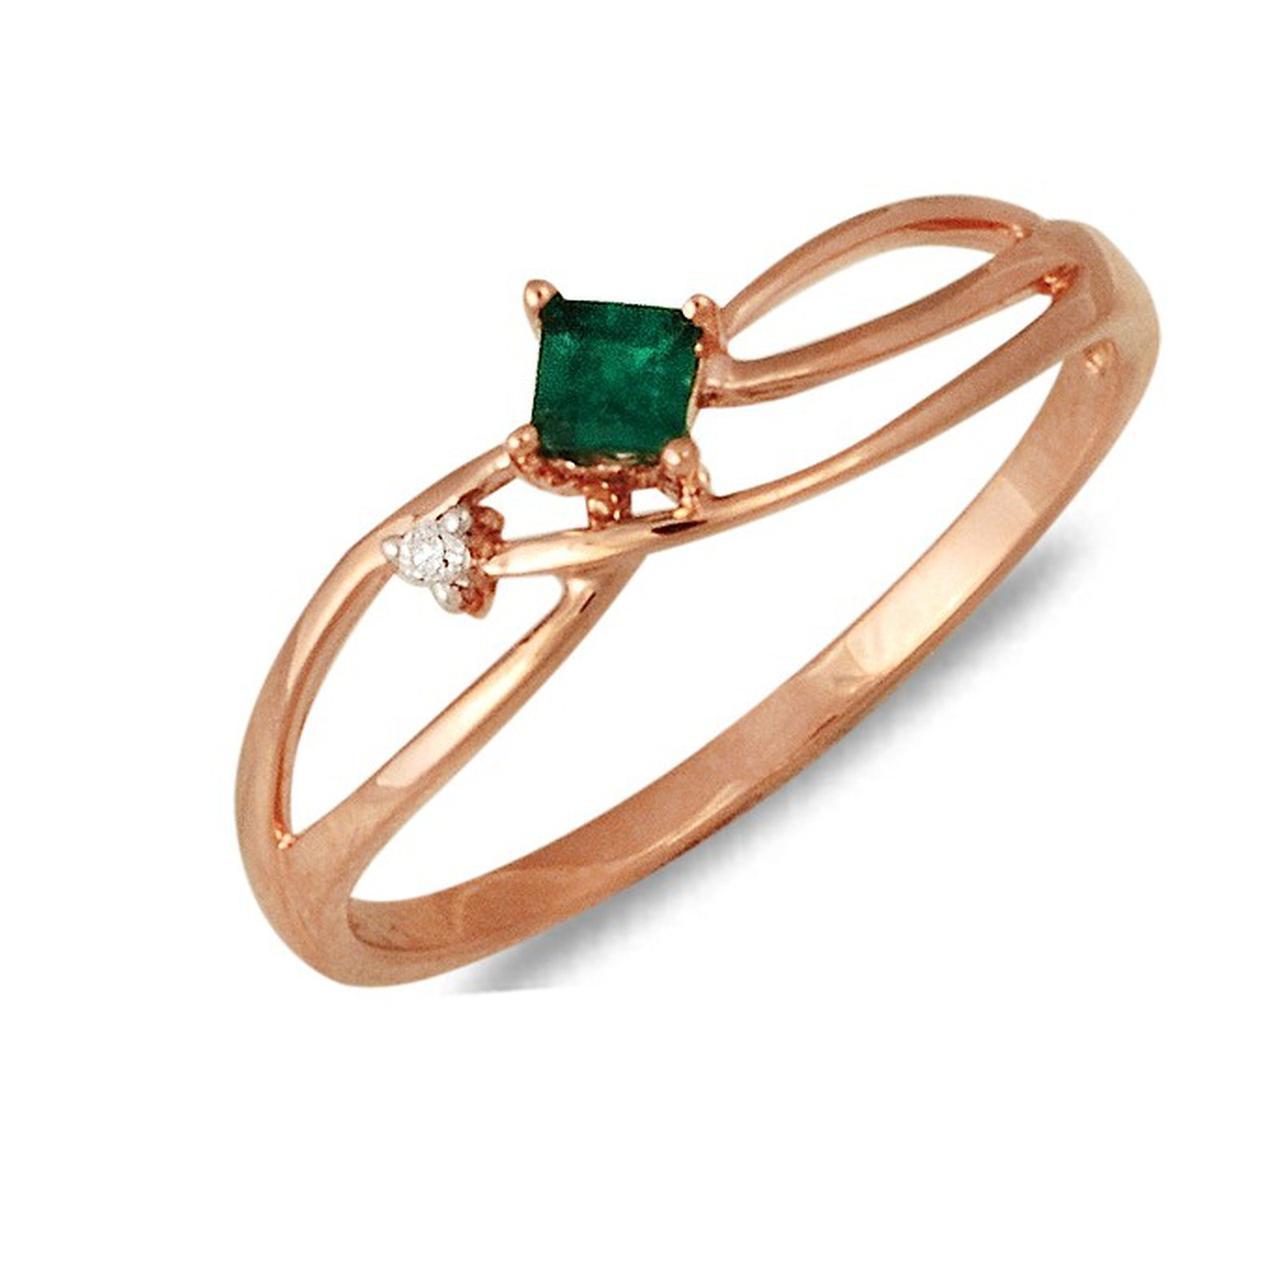 Золотое кольцо с бриллиантом и изумрудом, размер 16 (030172)